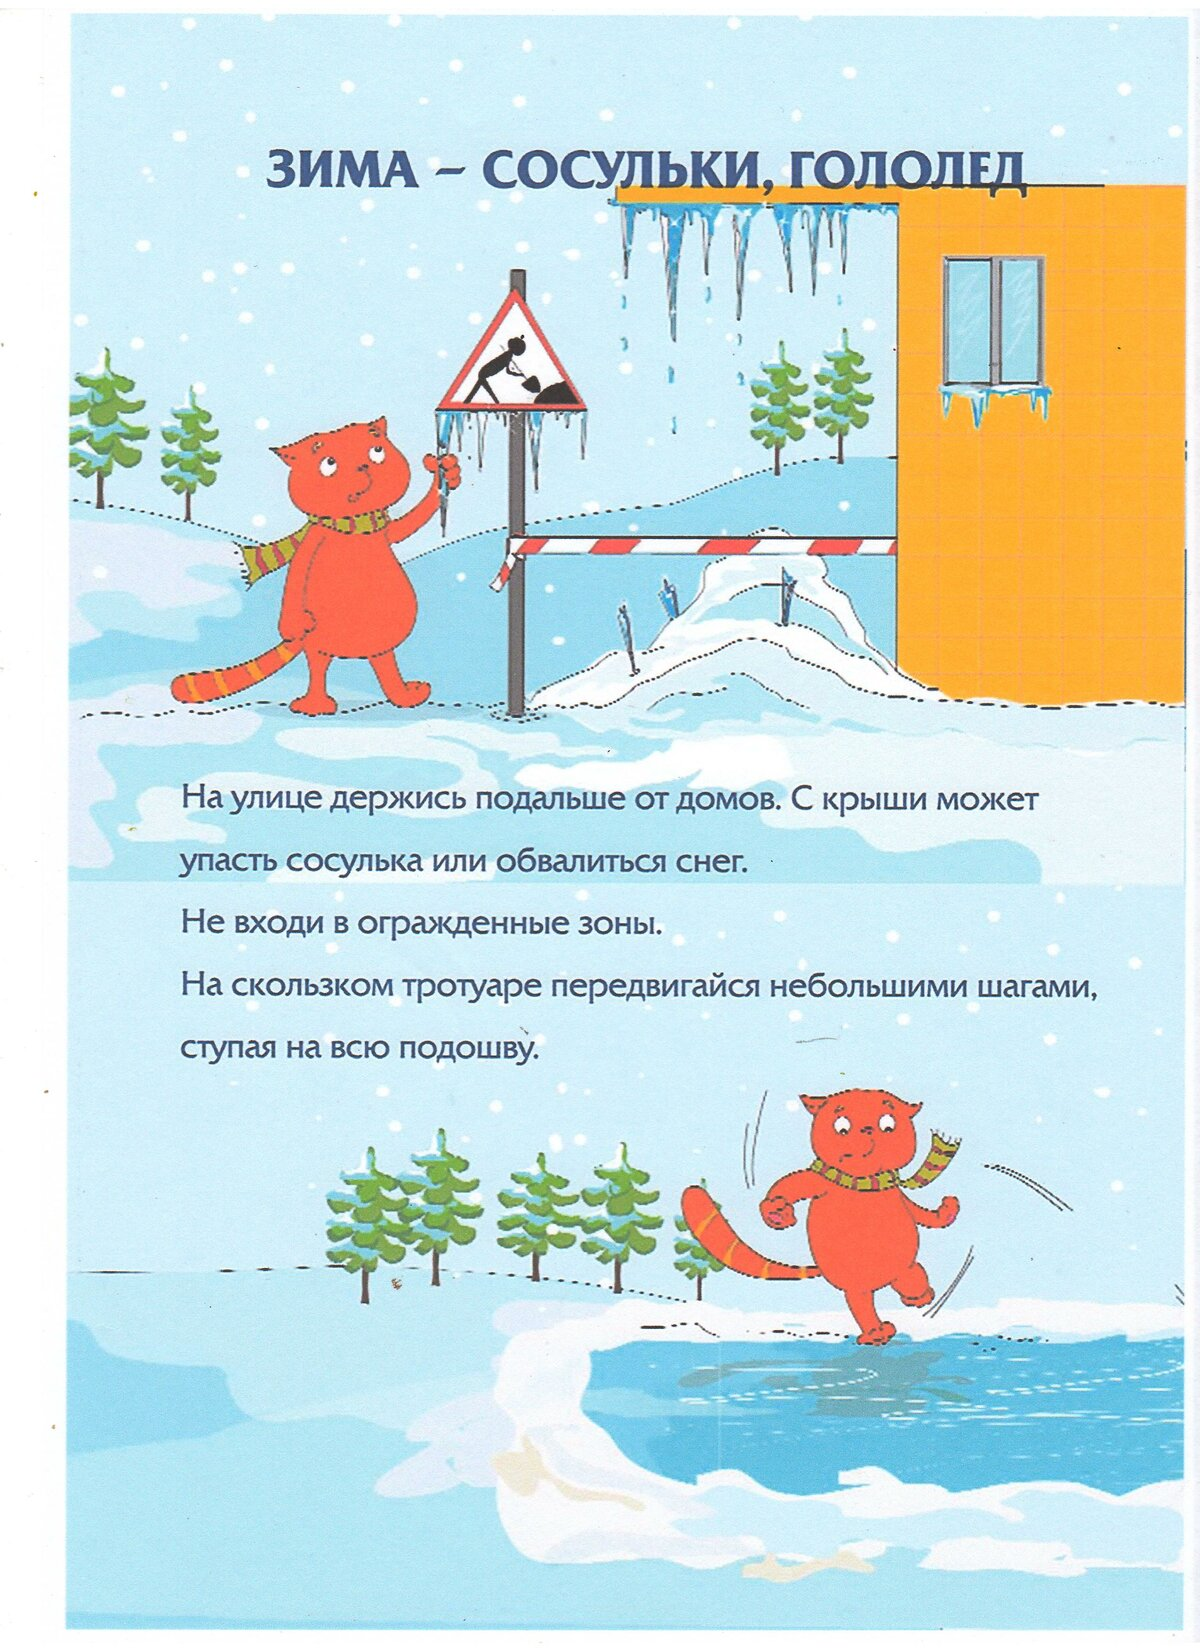 Правила поведения зимой для детей в картинках плакат